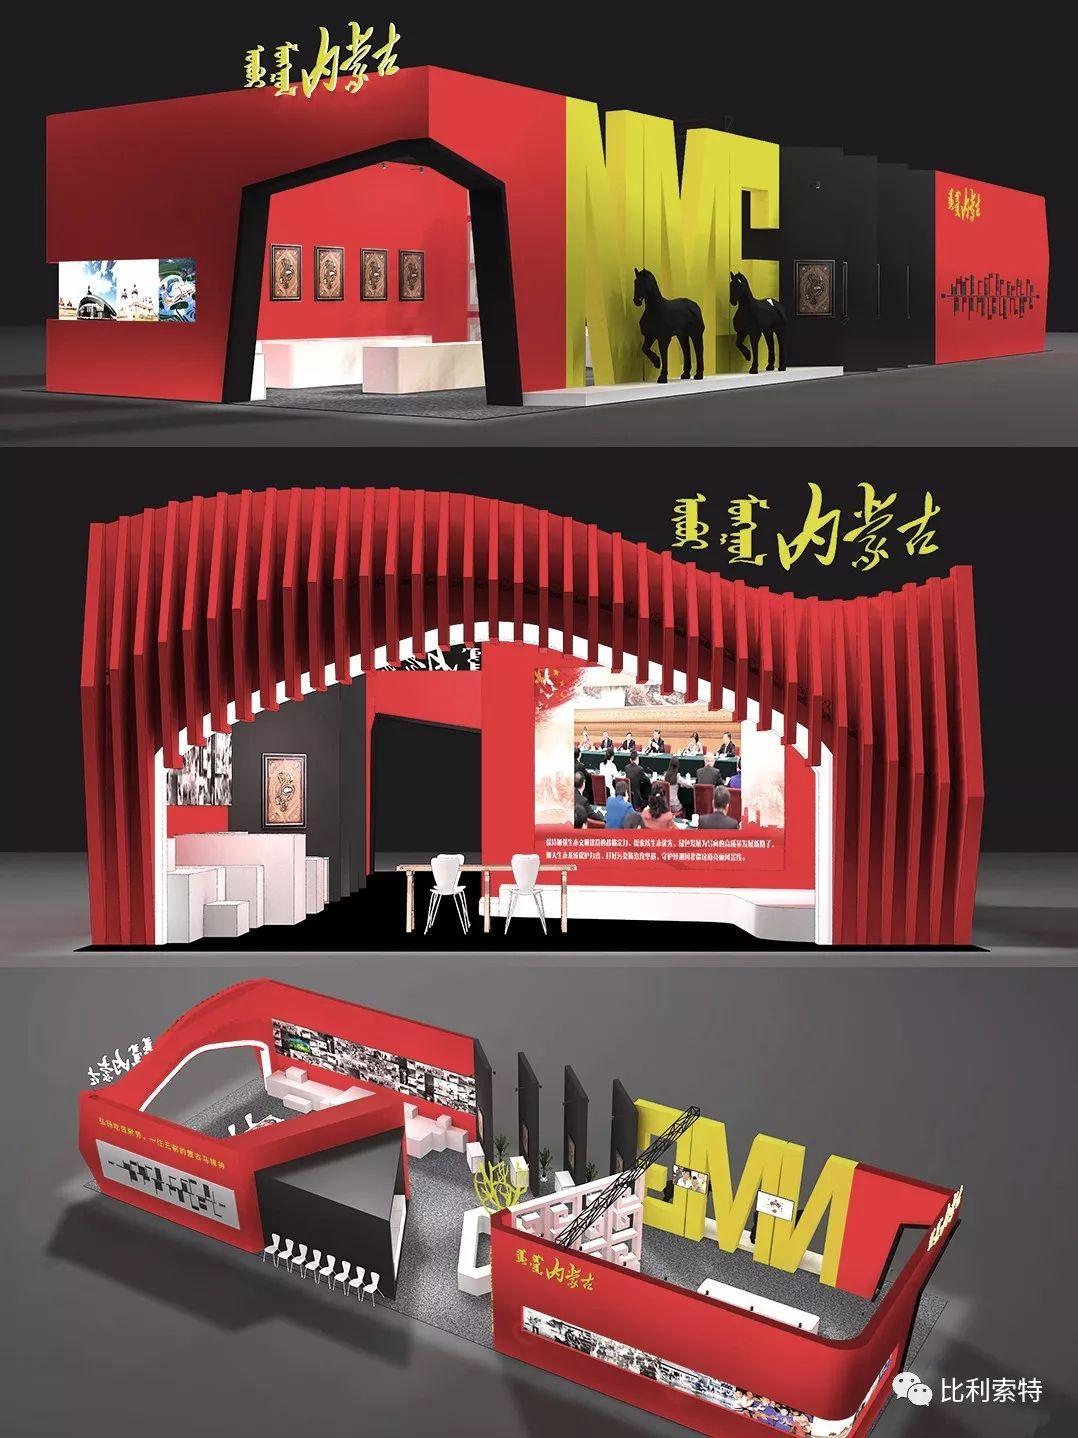 这几个草原汉子在深圳文博会干嘛?????? 第5张